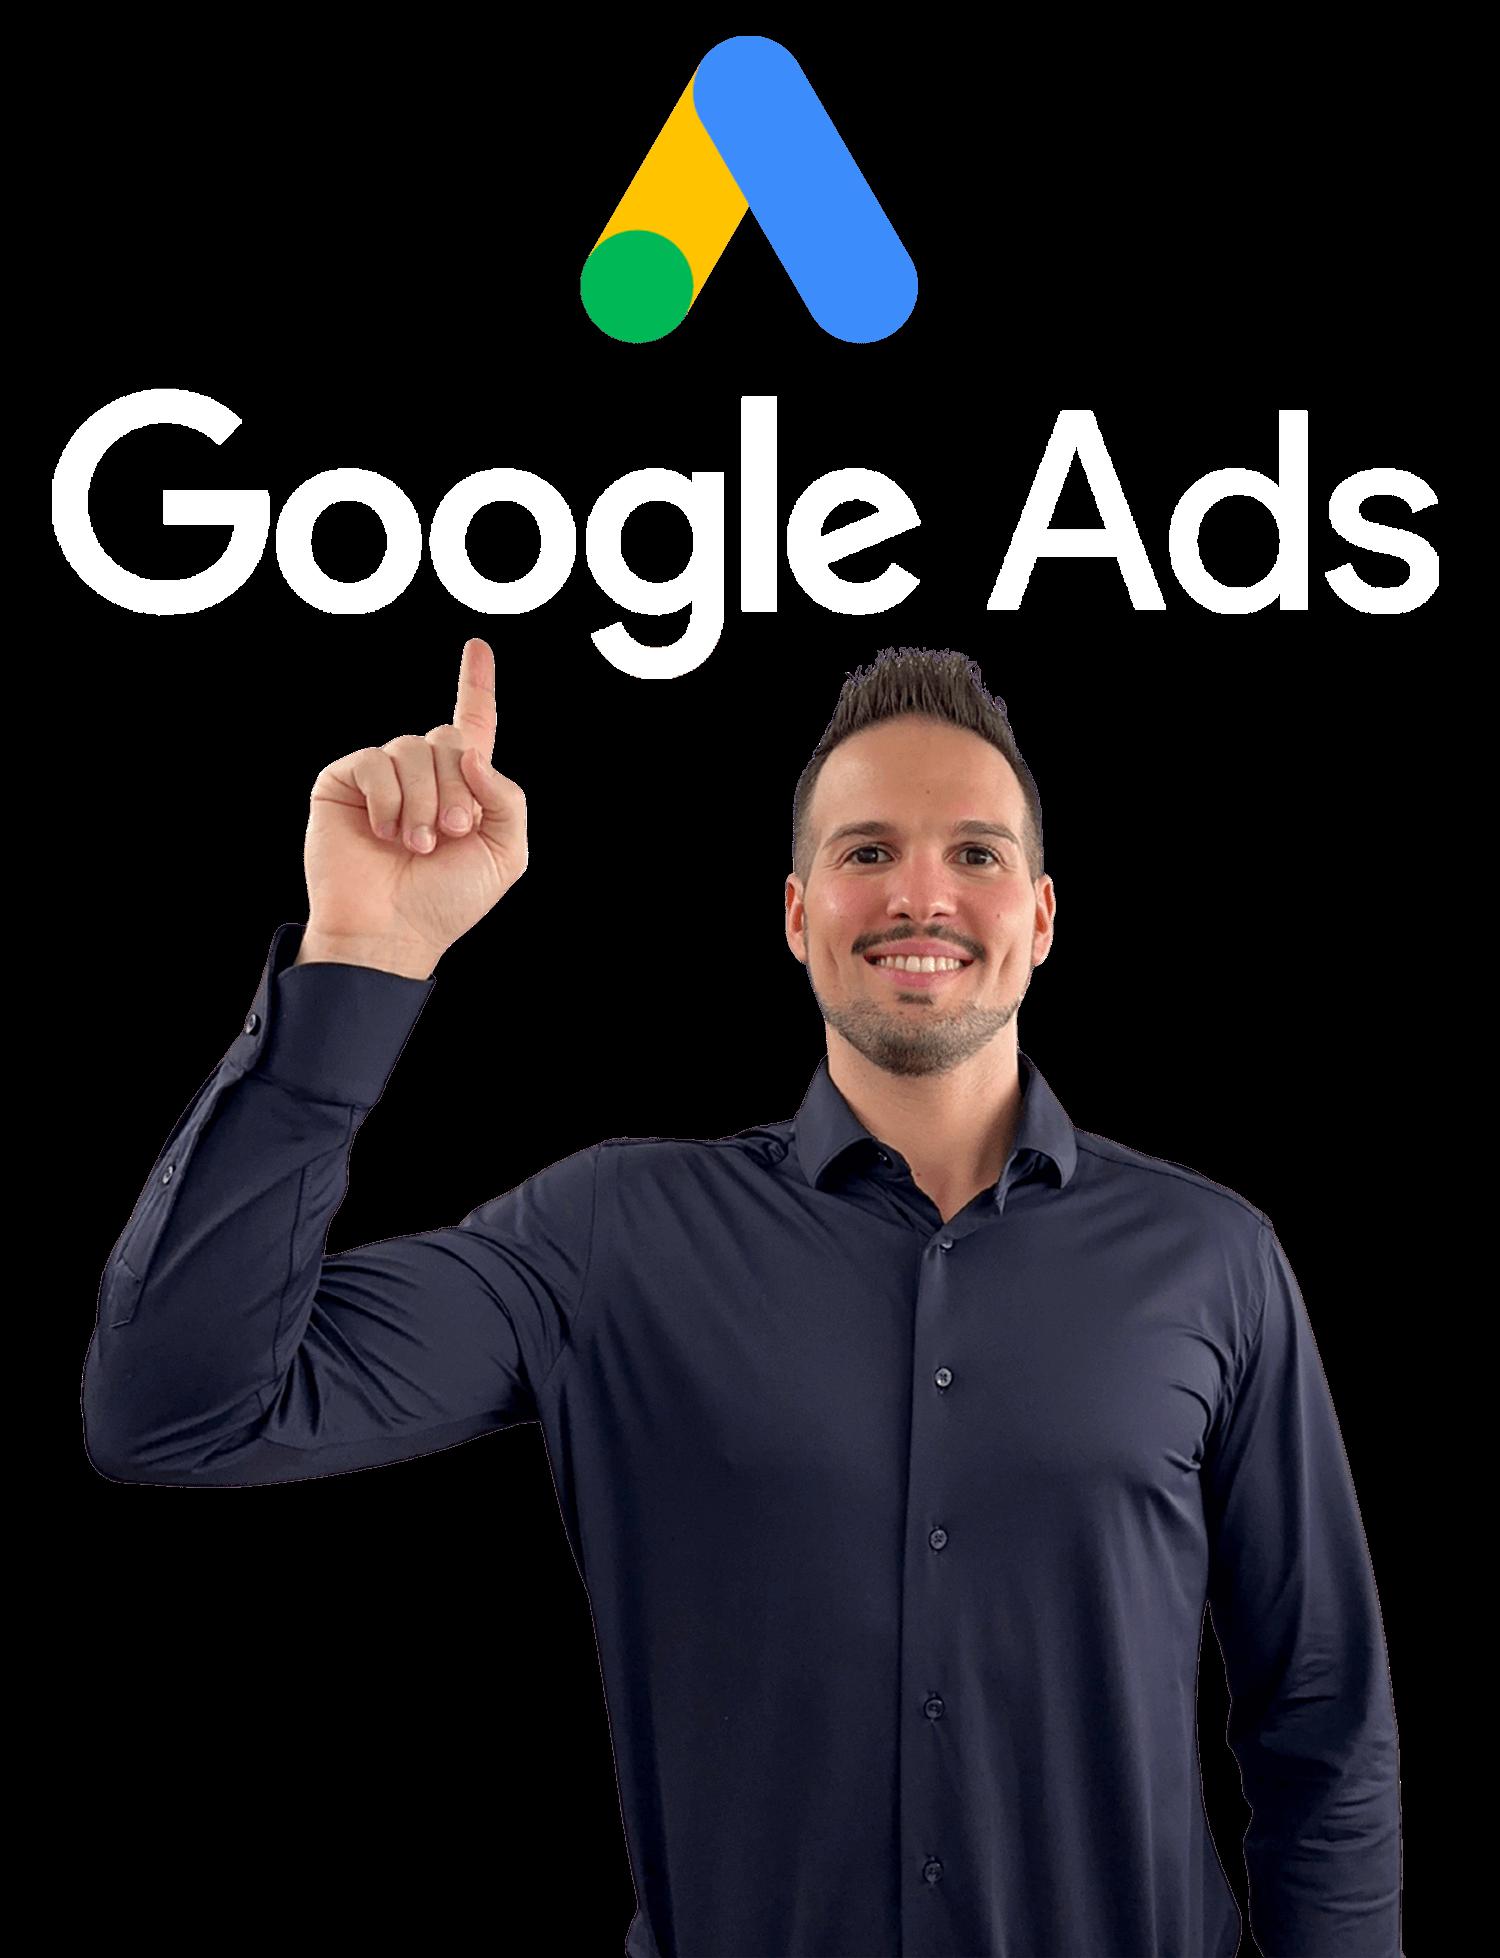 Davide-Armari-Google-ADS-2